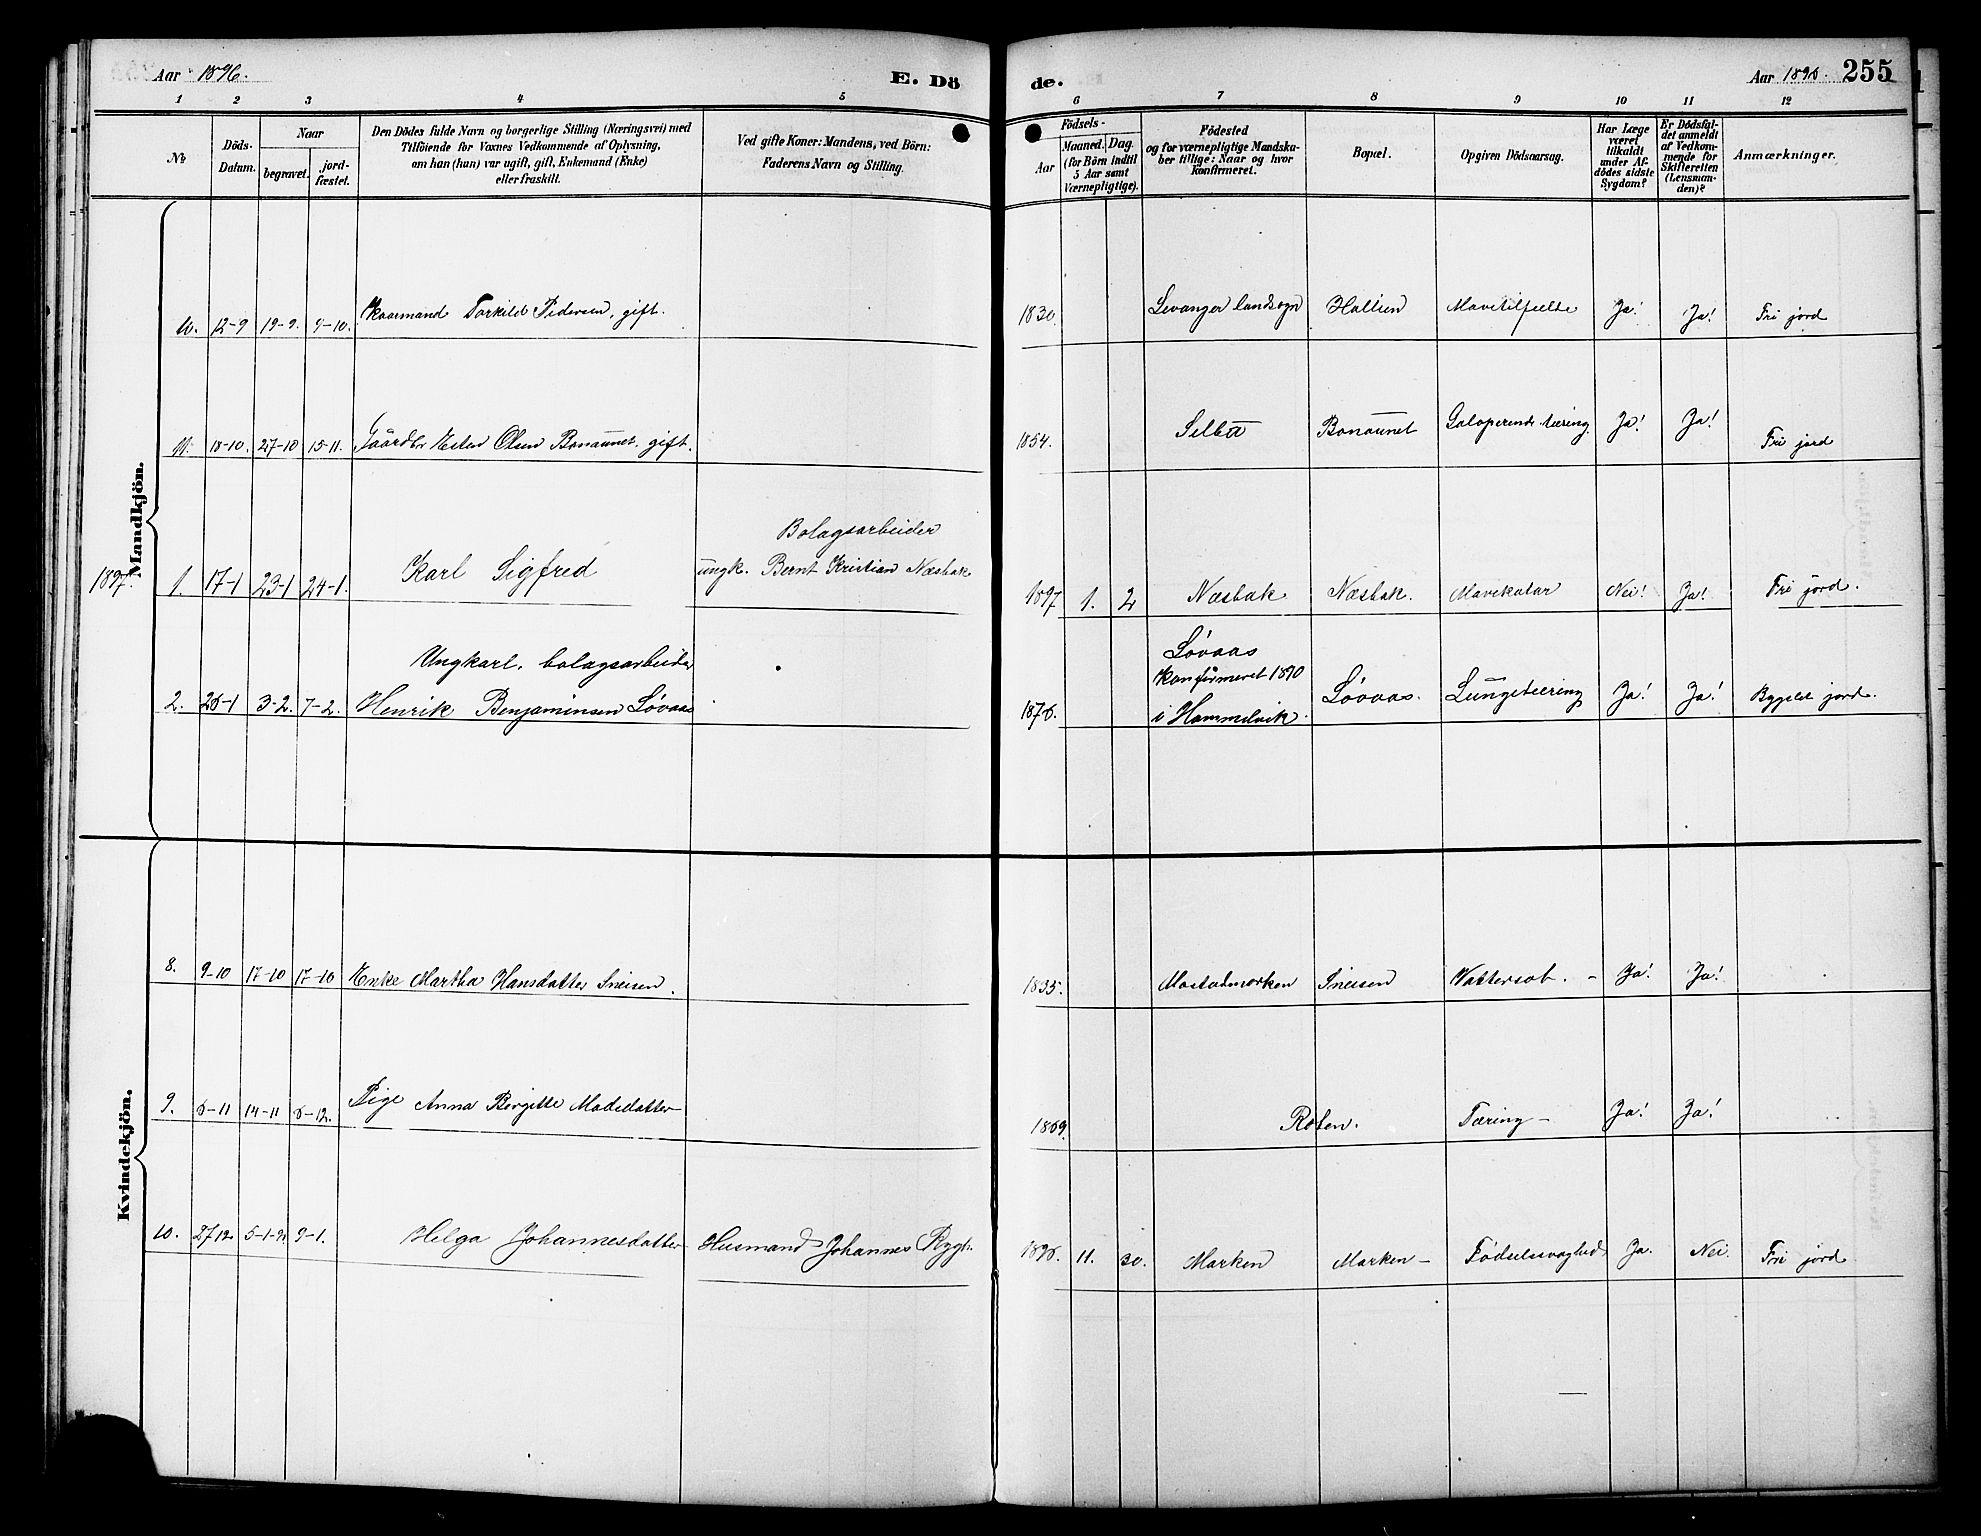 SAT, Ministerialprotokoller, klokkerbøker og fødselsregistre - Sør-Trøndelag, 617/L0431: Klokkerbok nr. 617C01, 1889-1910, s. 255